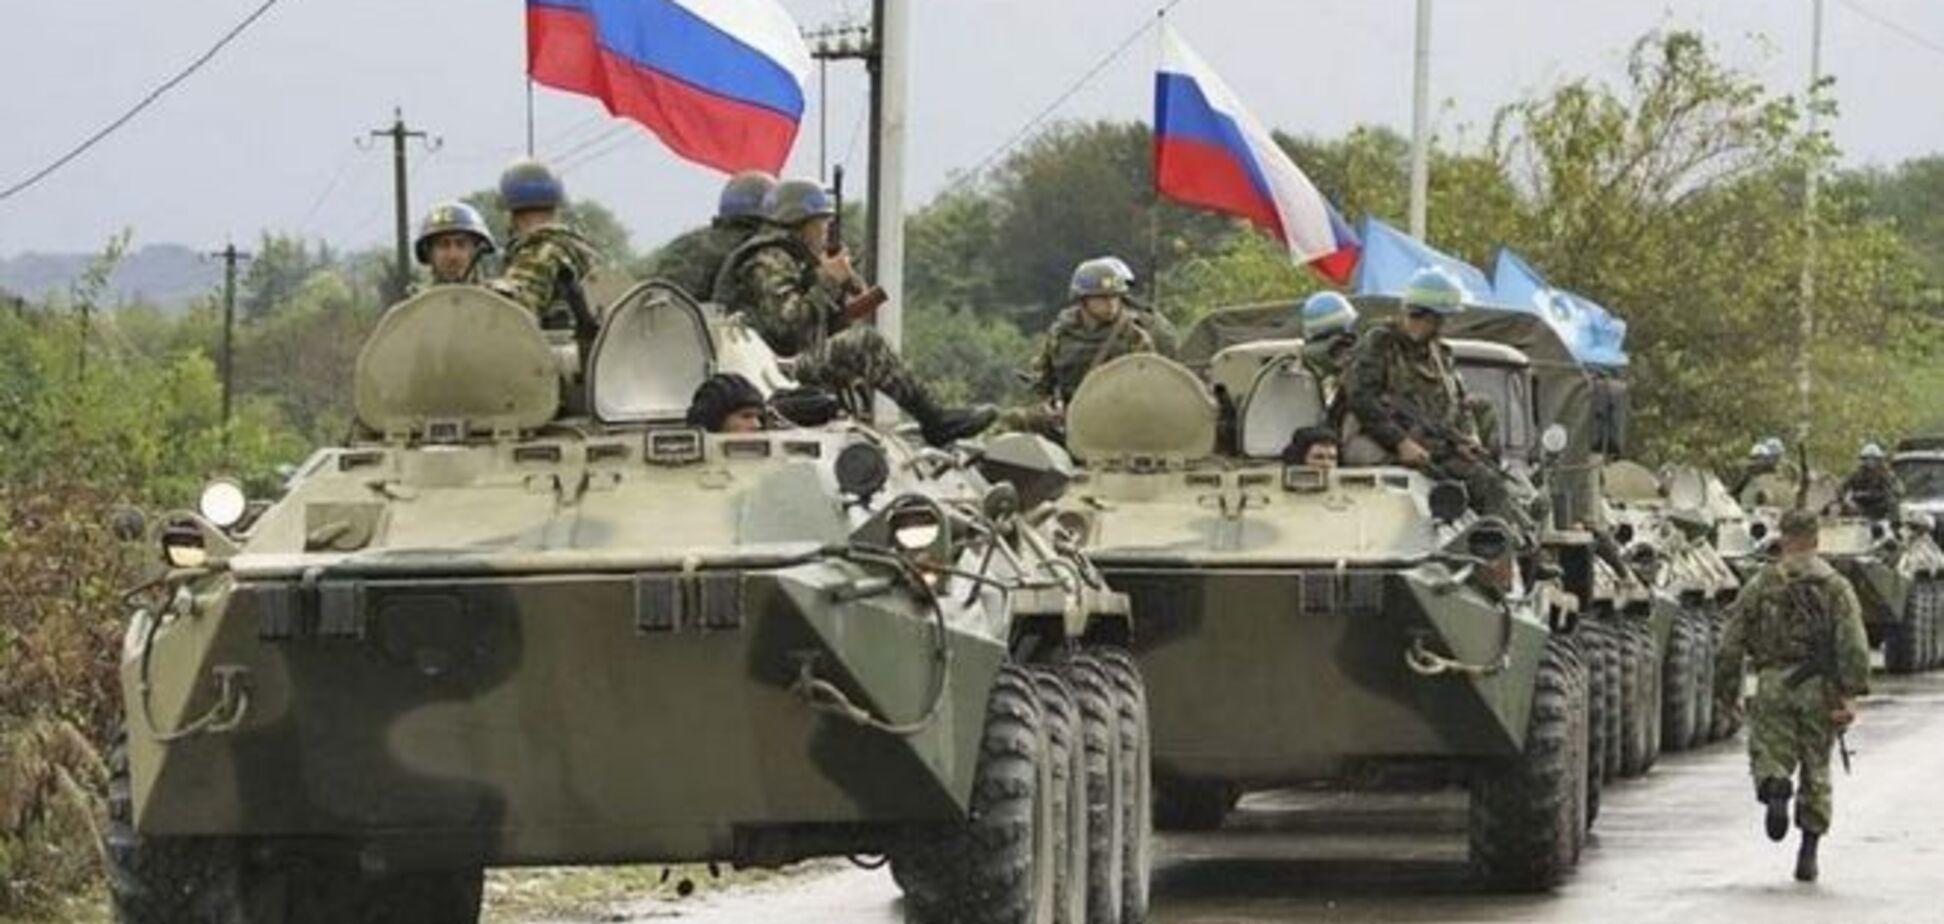 Британский аналитический центр опубликовал доклад о российских войсках на Донбассе